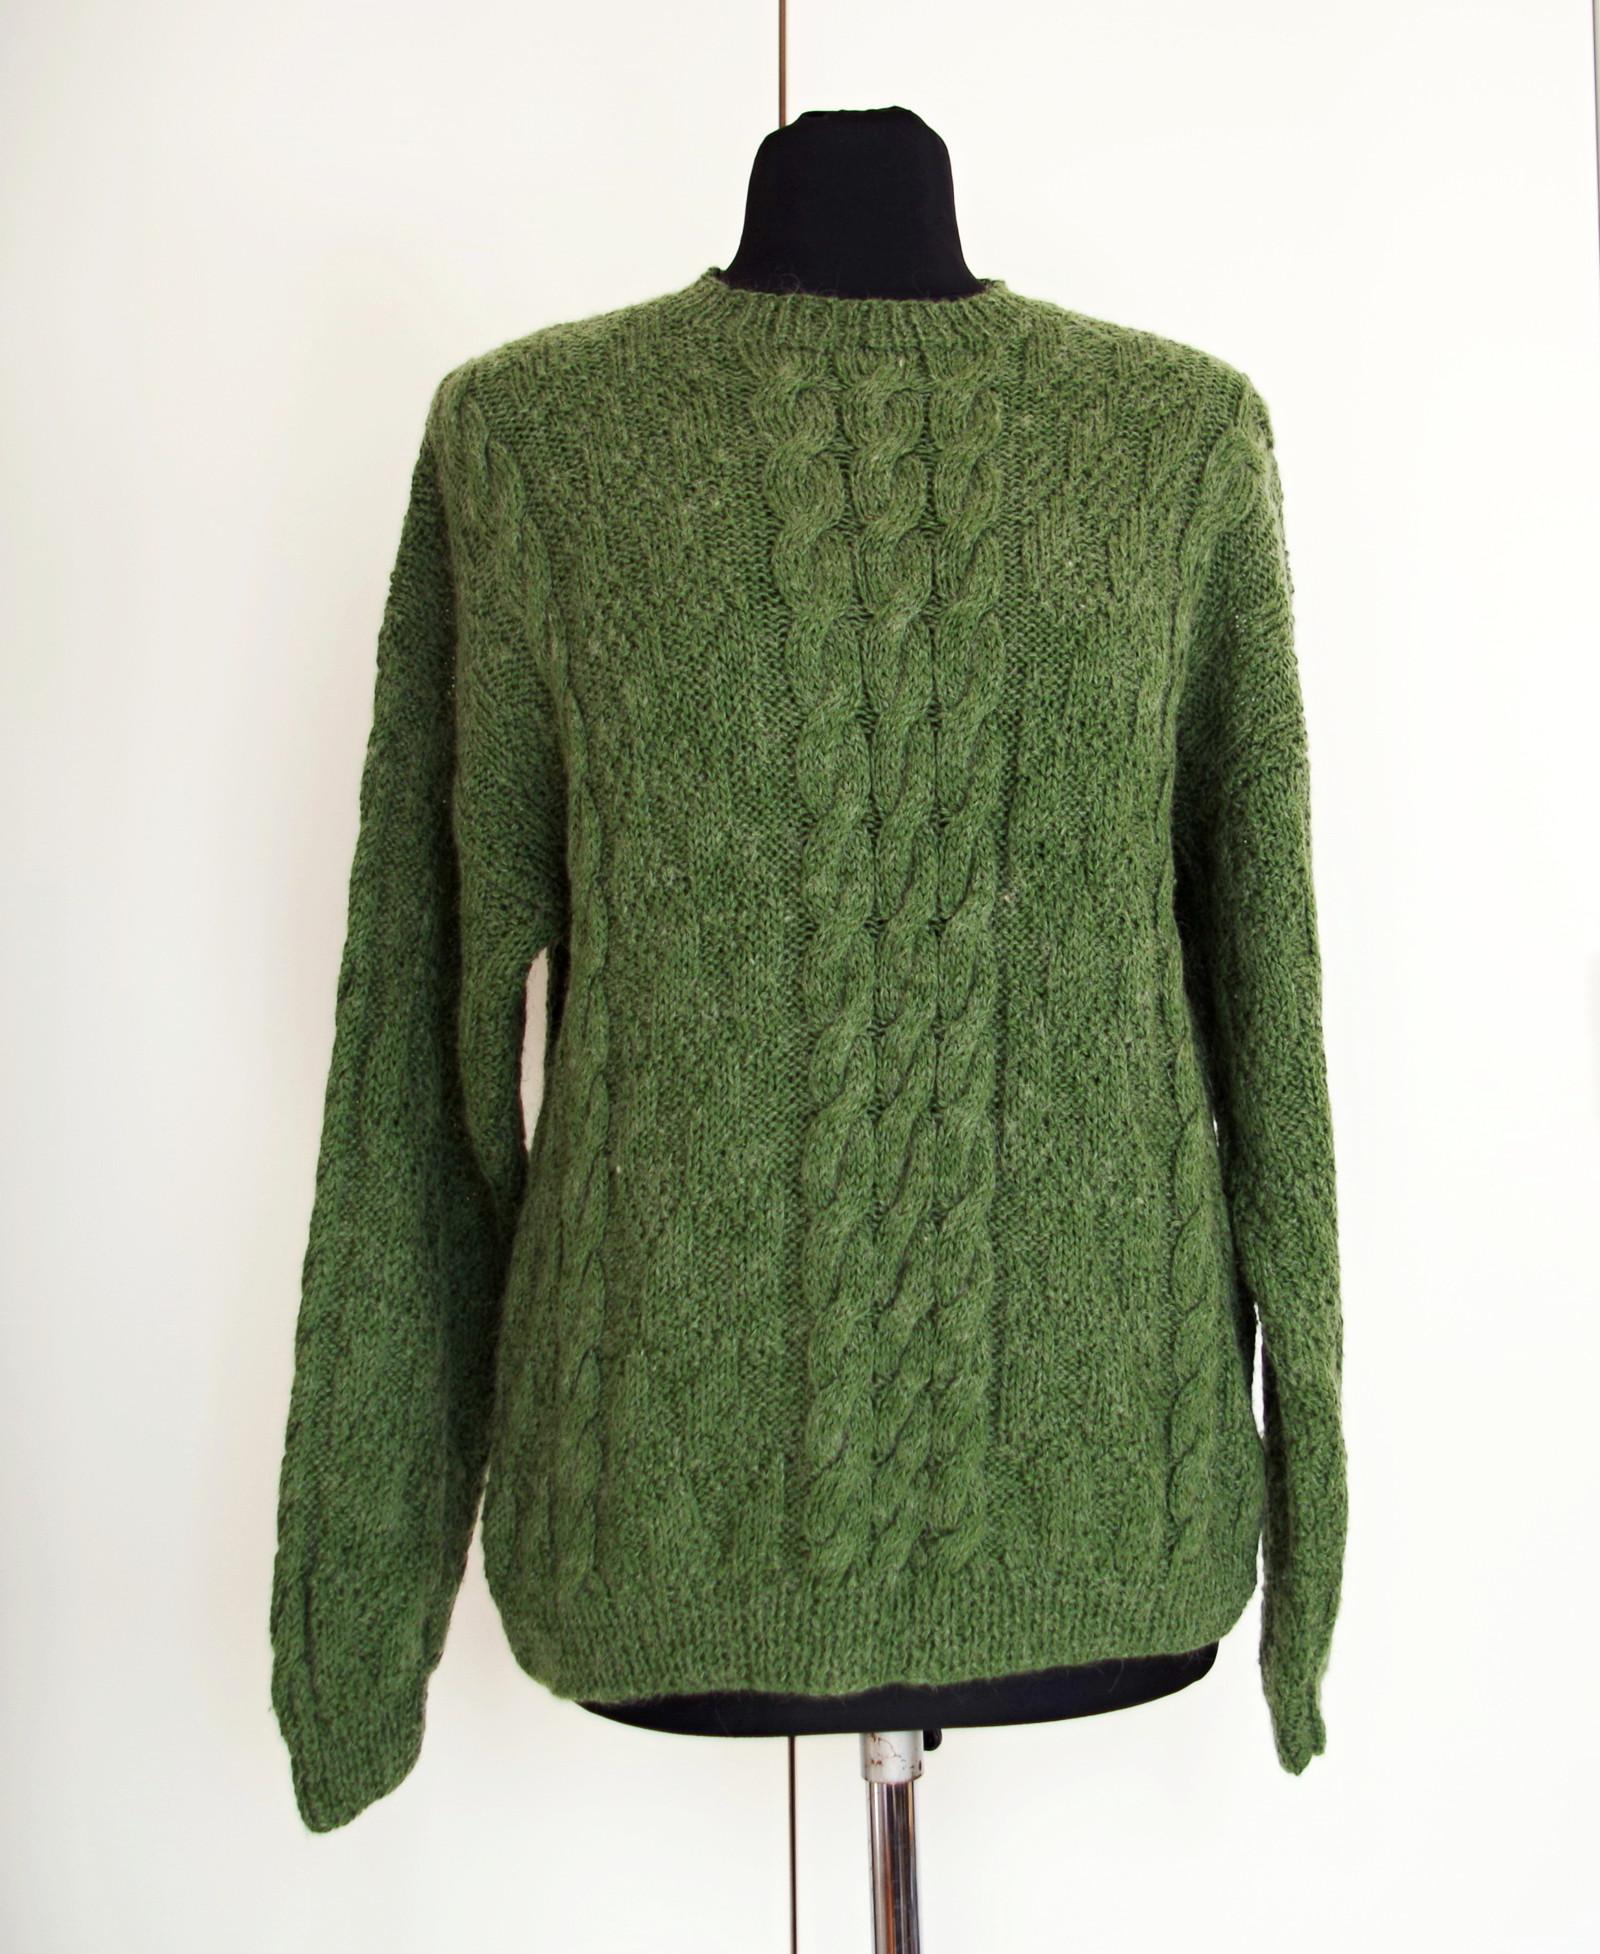 d008e38c56bc Ručně pletený svetr   Zboží prodejce Enka